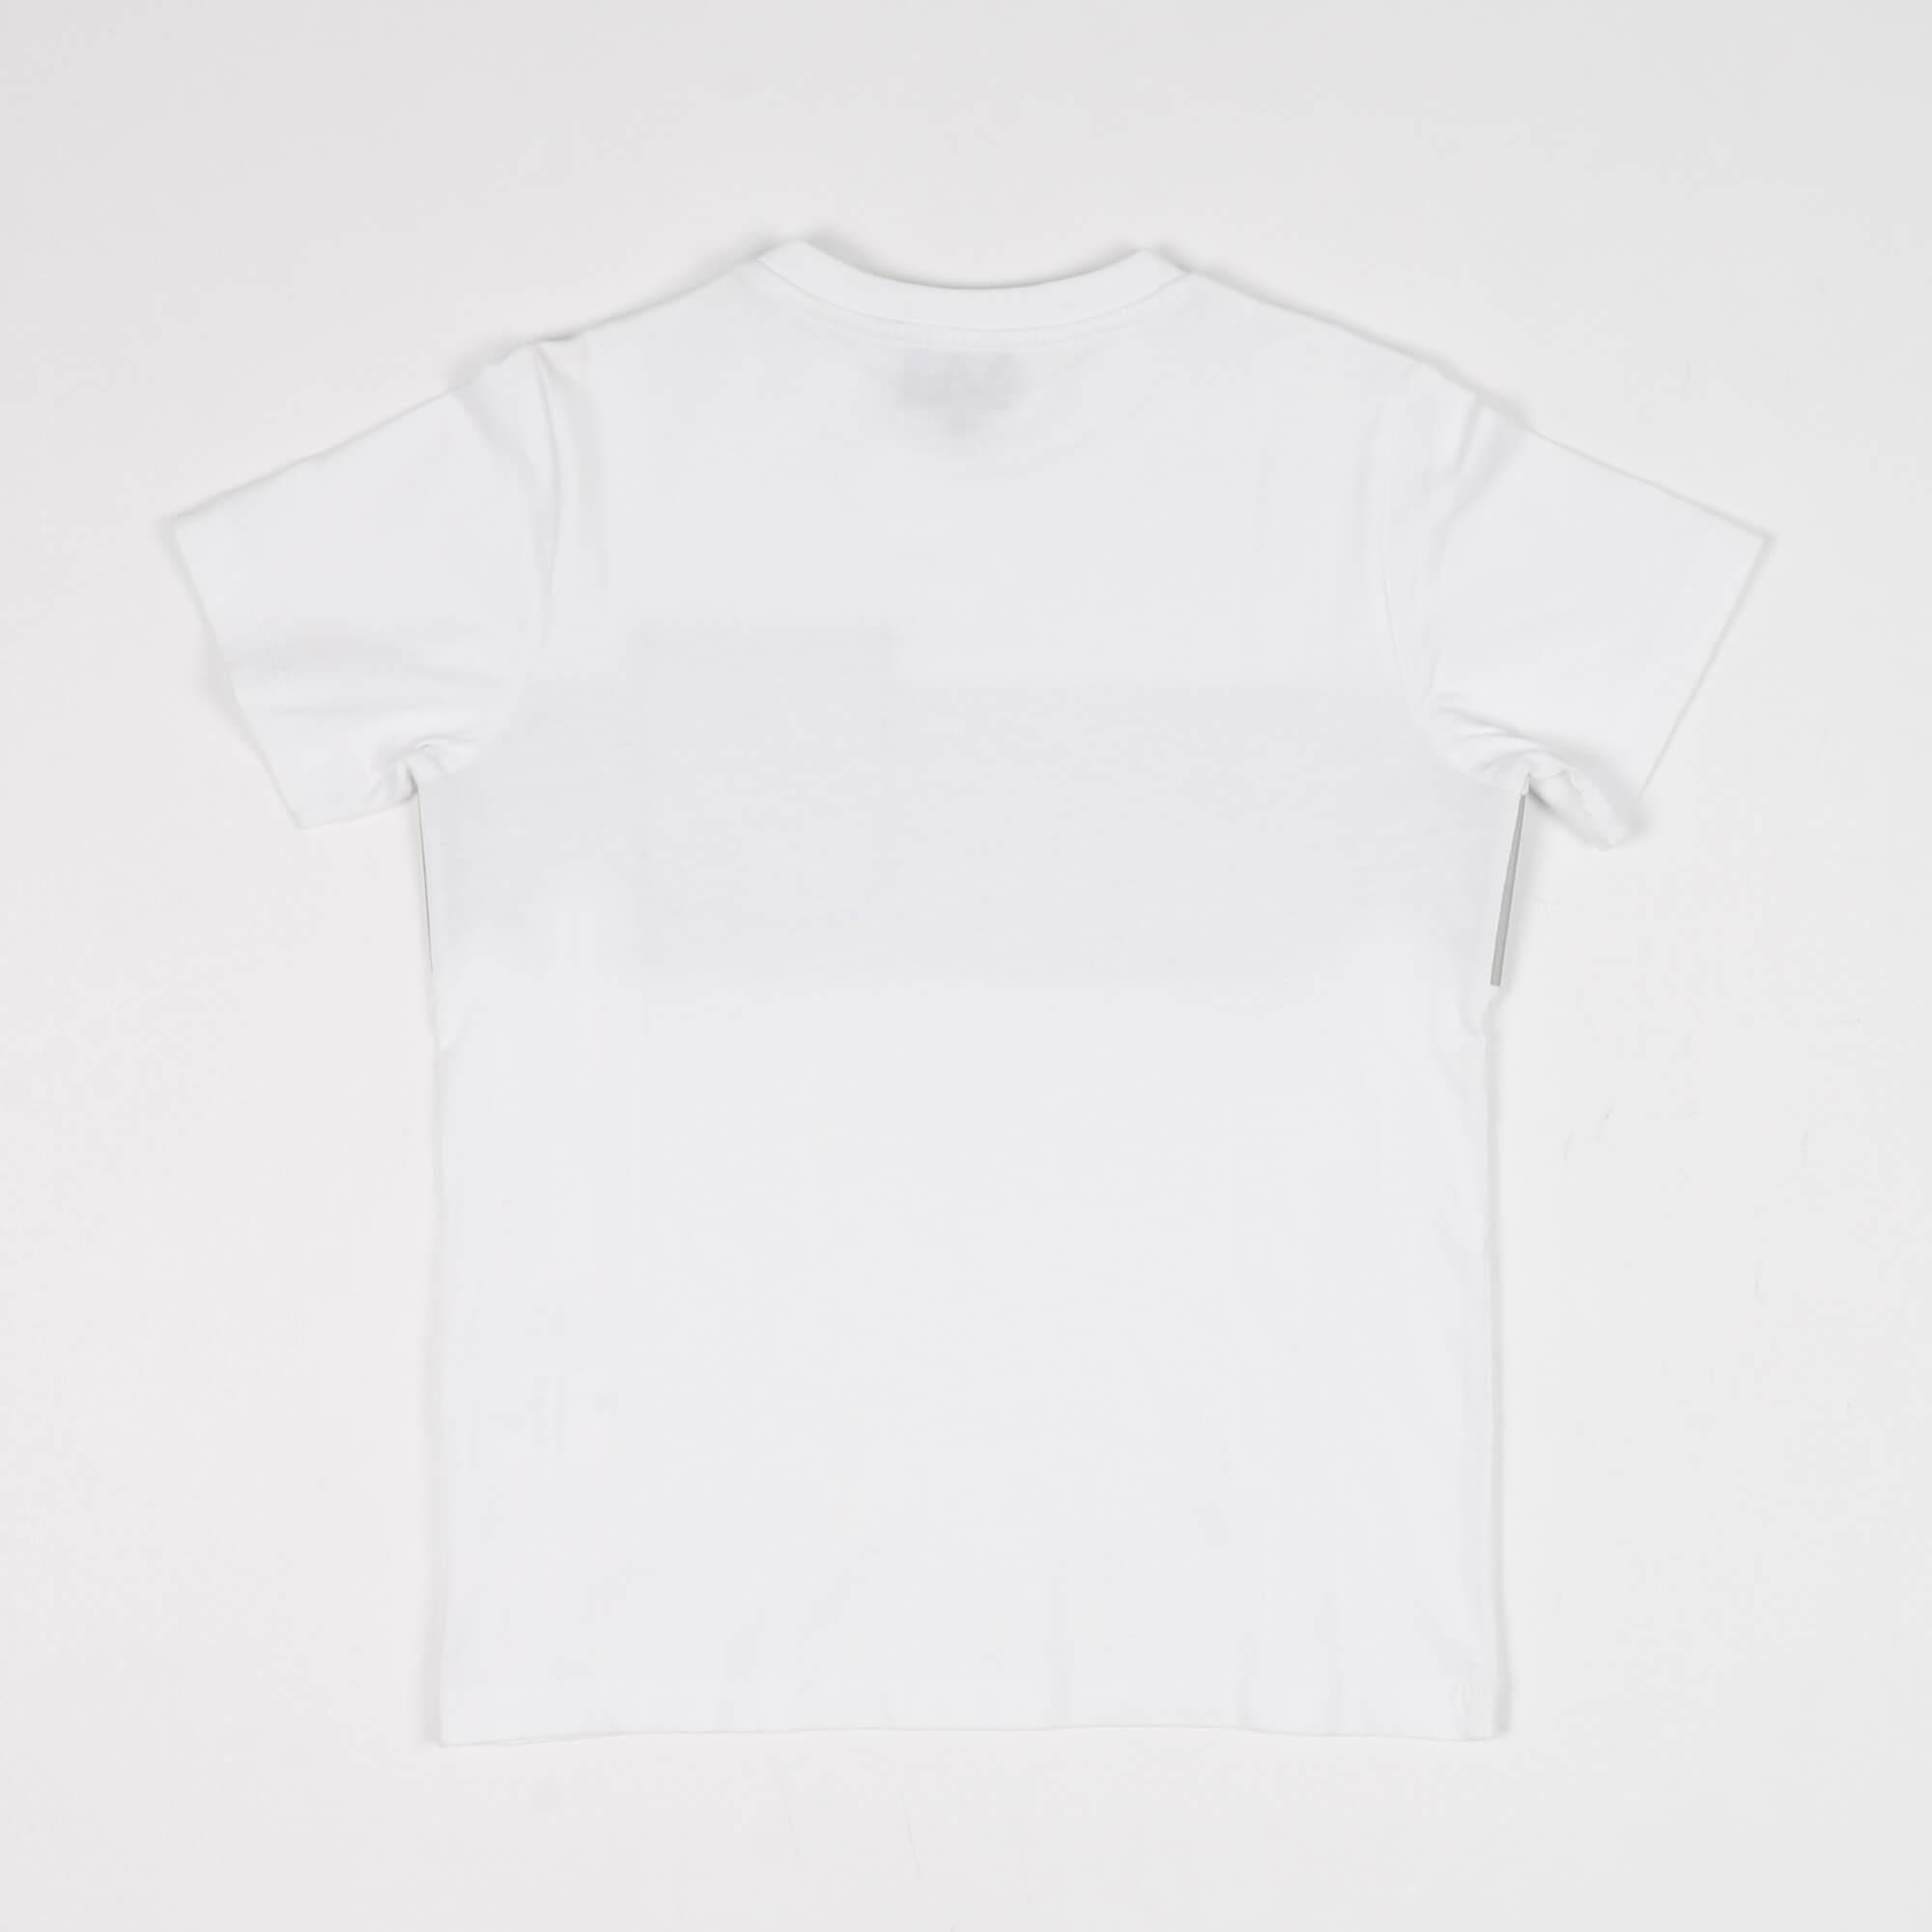 T-shirt taschino logo - Bianco